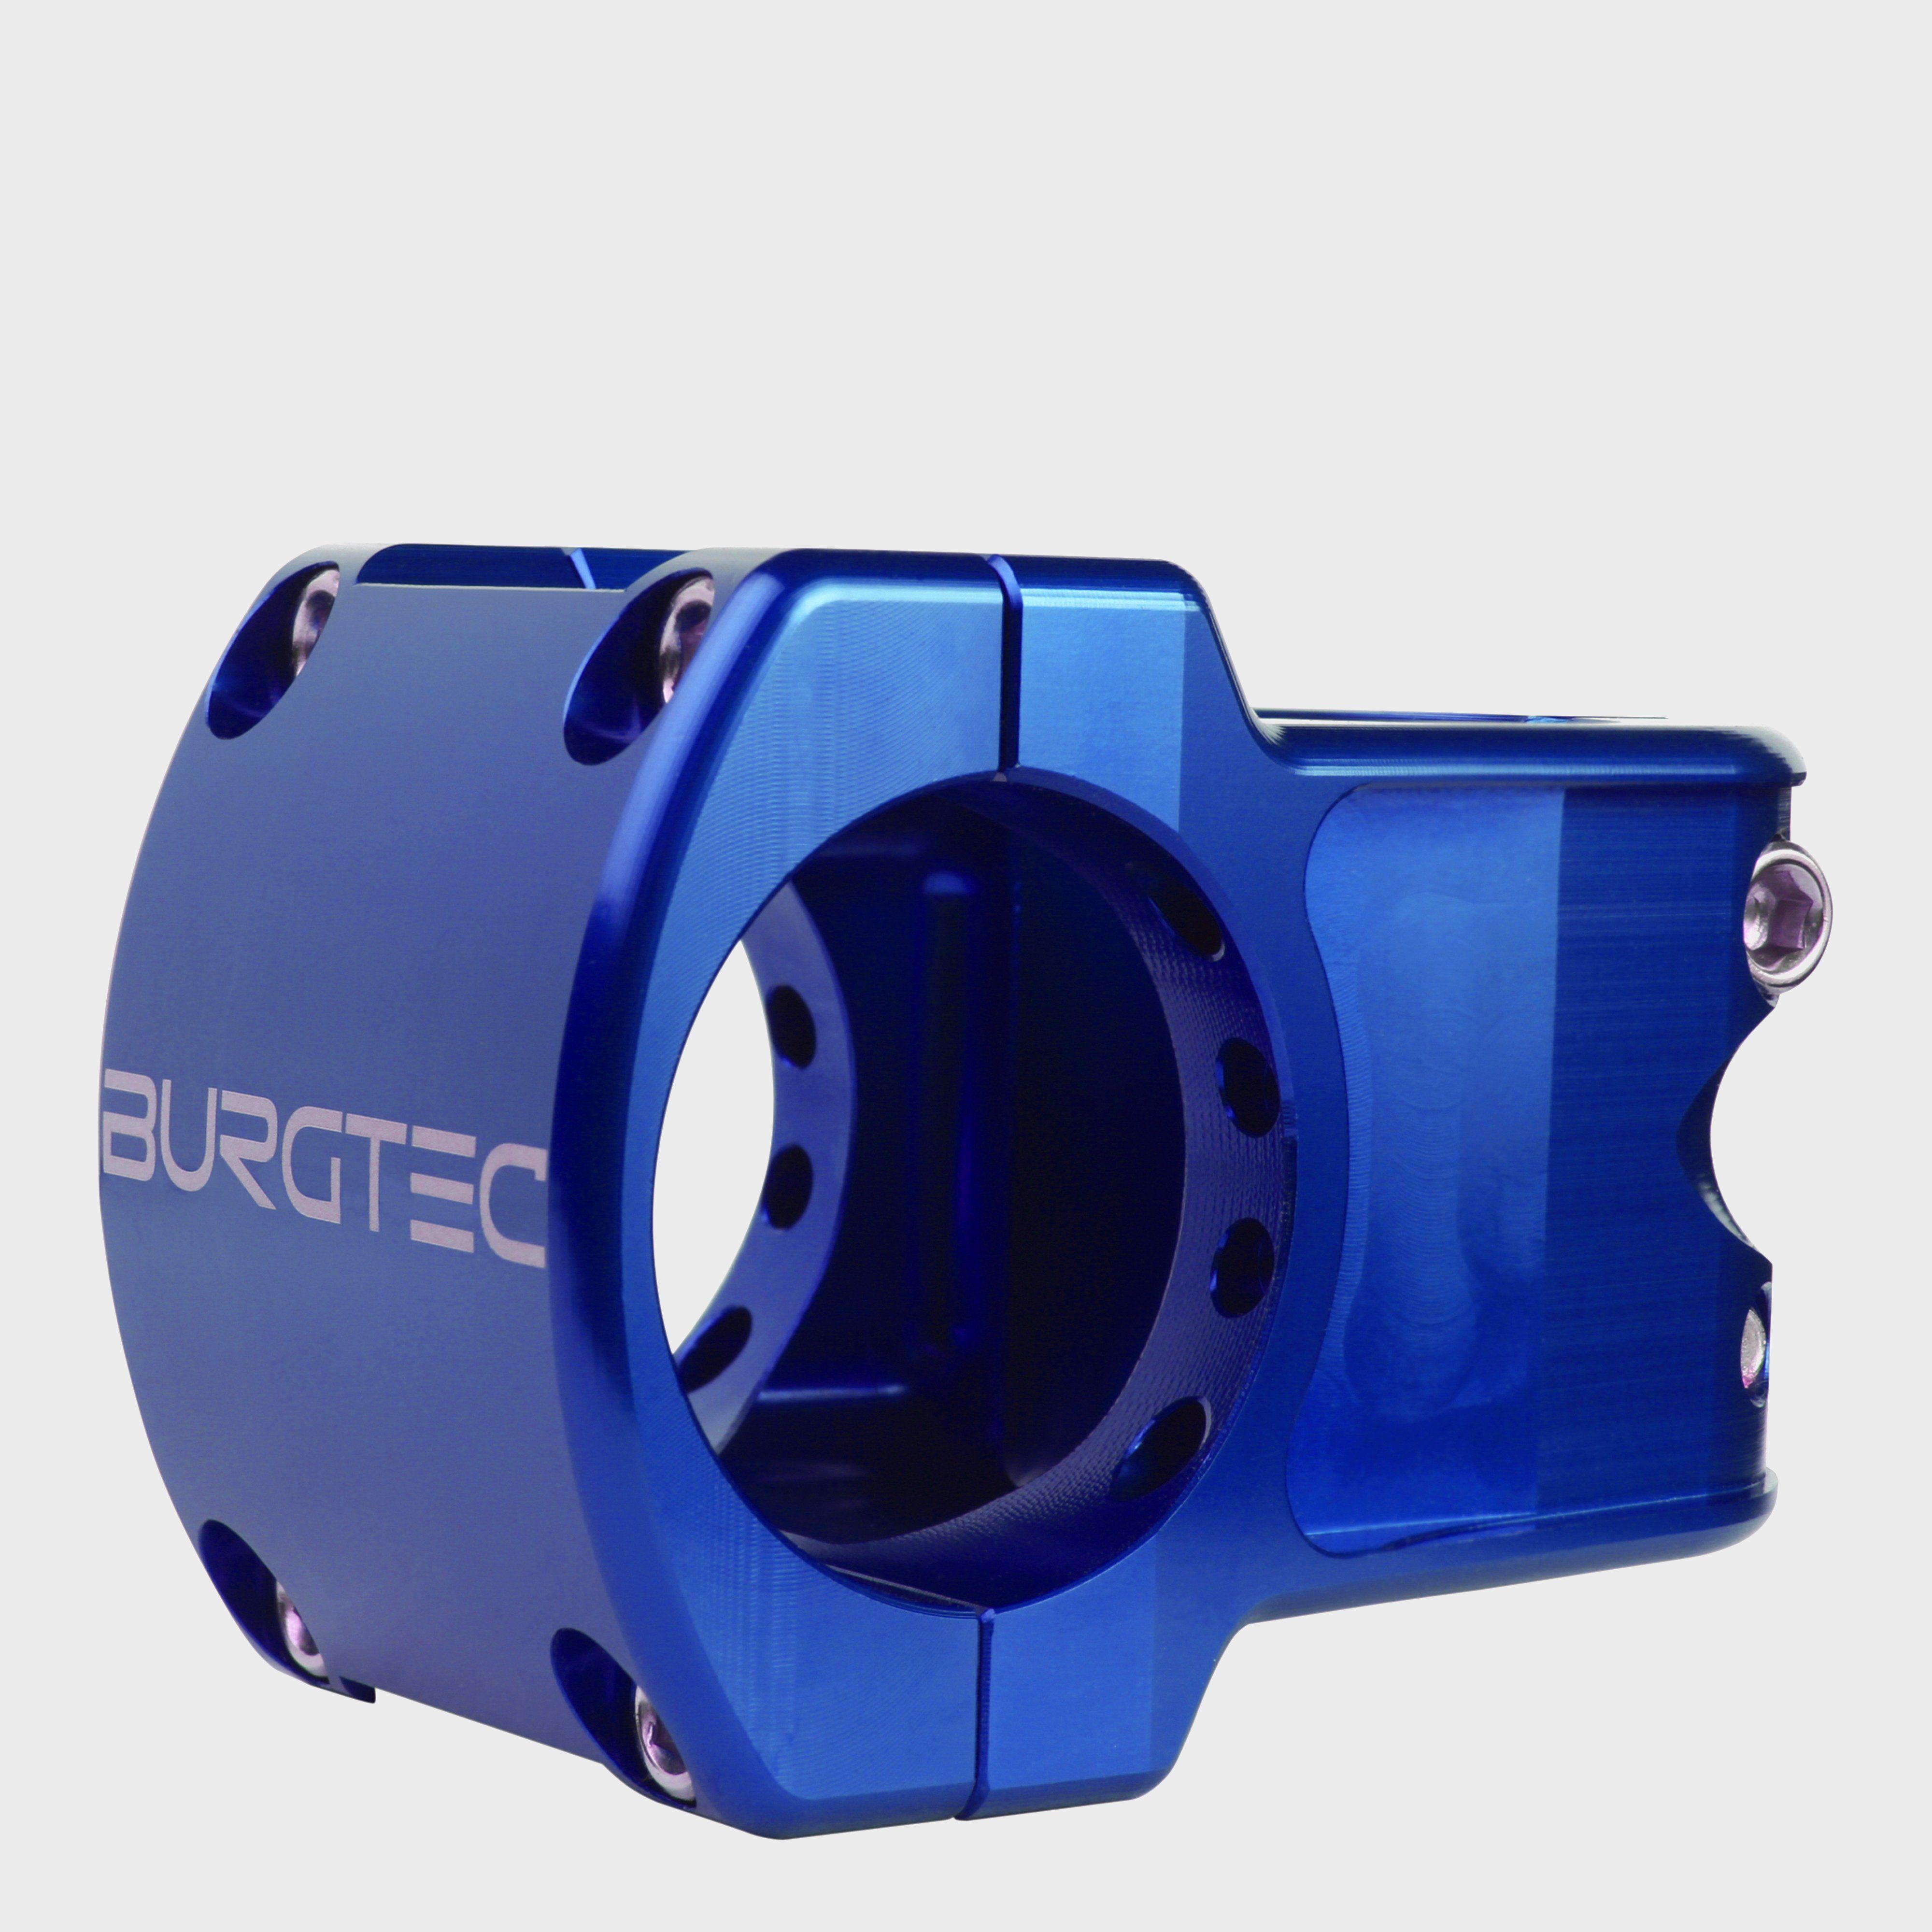 BURGTEC MK2 Enduro Stem 35/35C